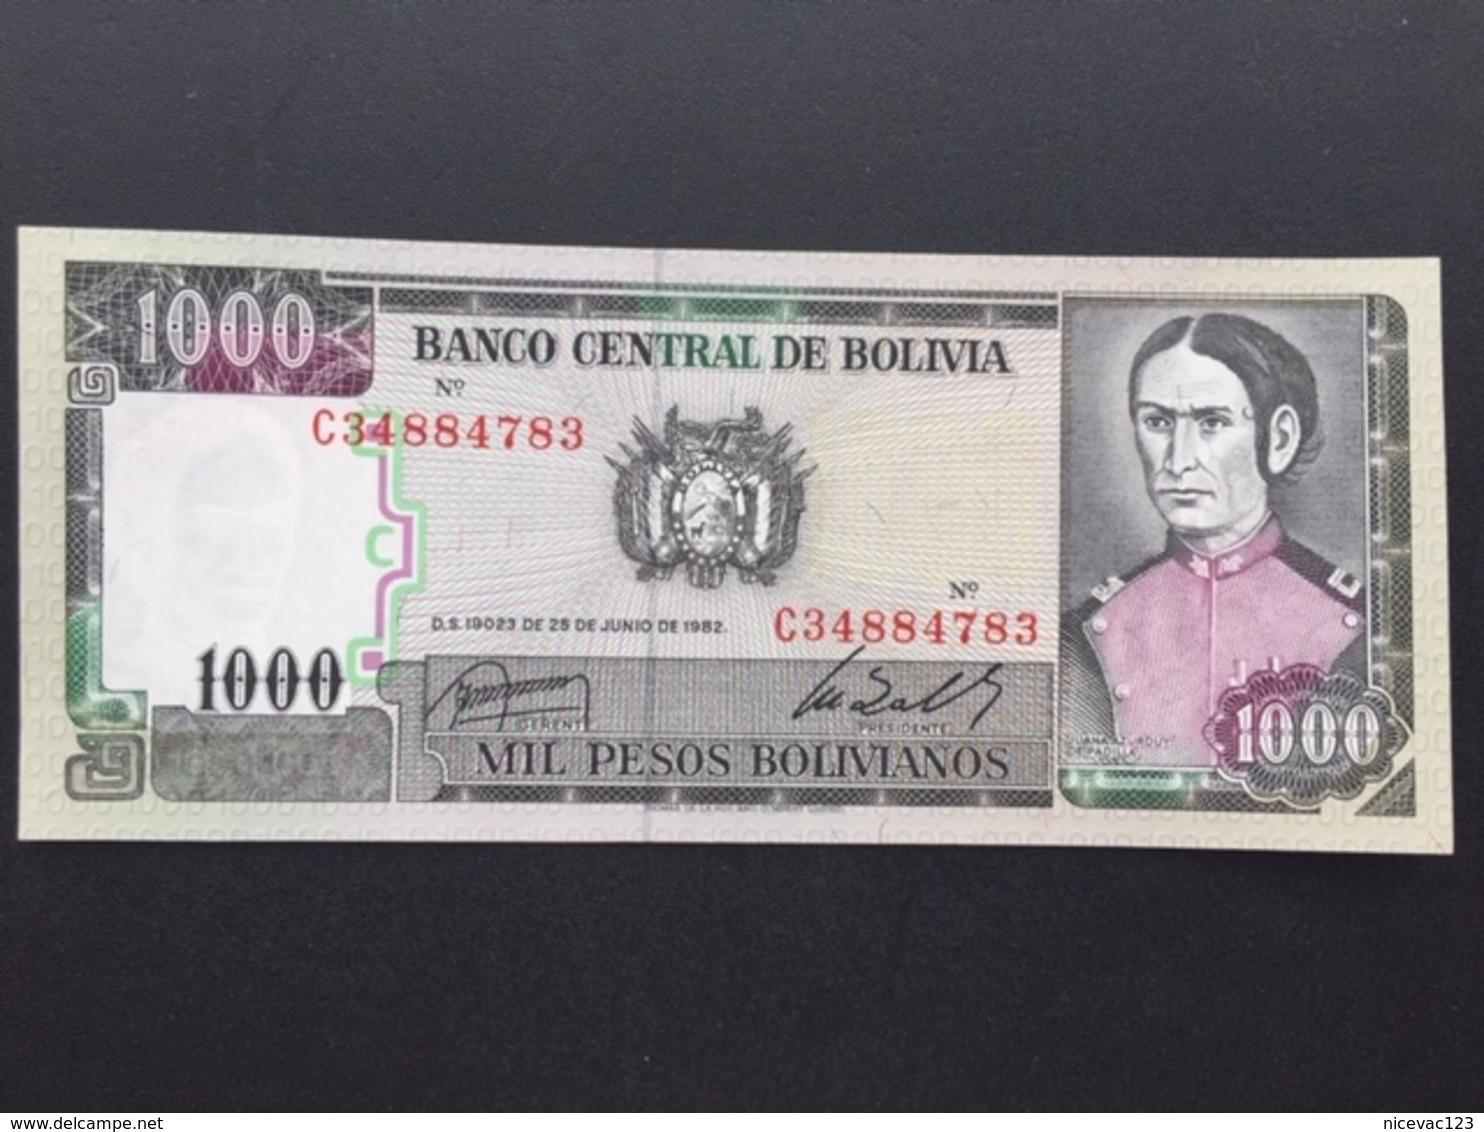 BOLIVIA P167 1000 PESOS 25.6.1982 UNC - Bolivia